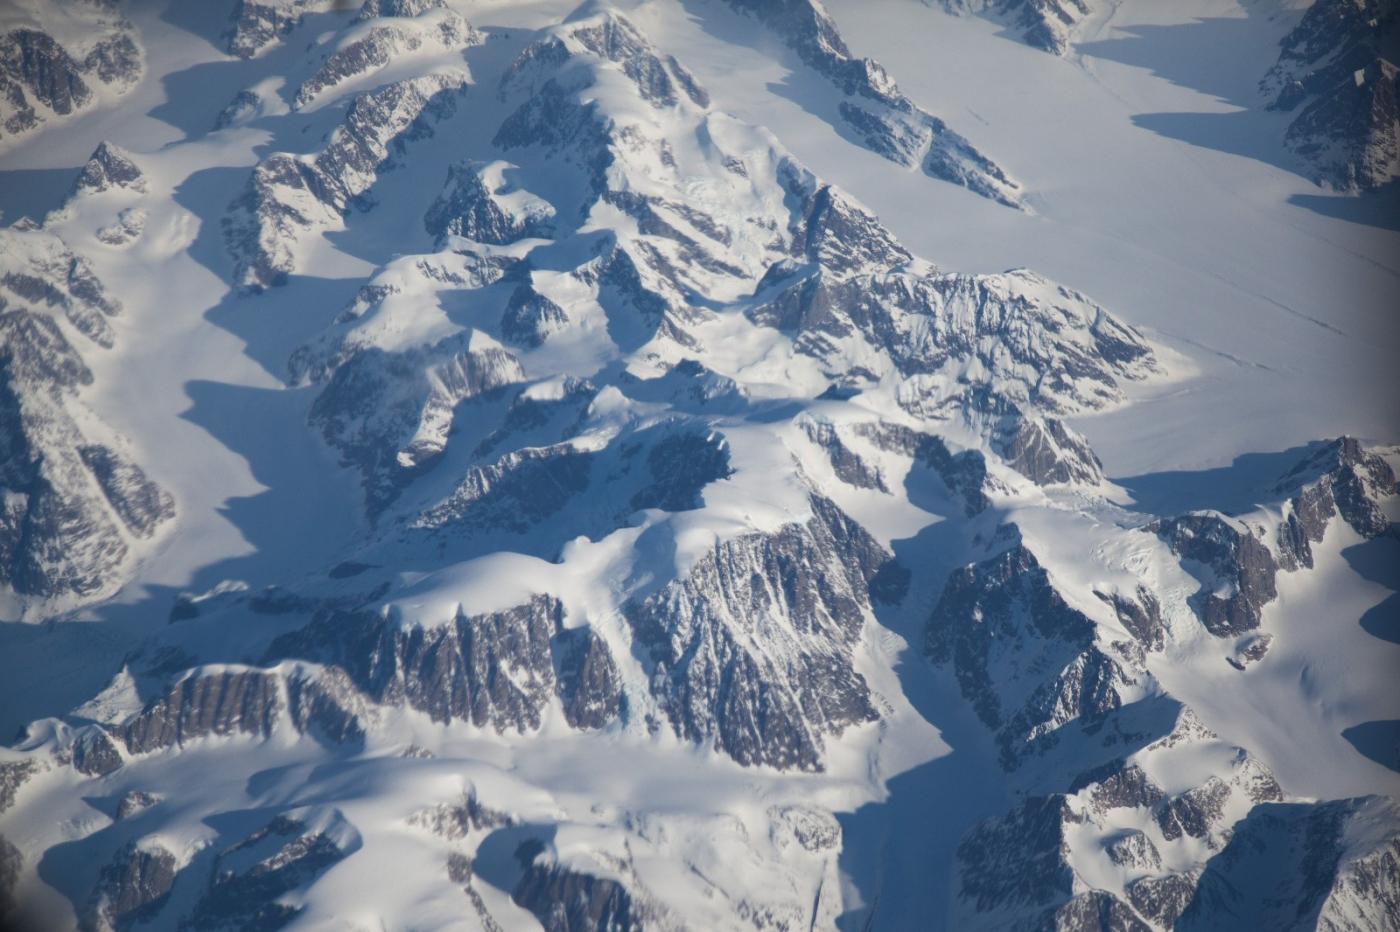 从纽约乘wow班机赴冰岛旅游,从班机的窗口看到:白云翻滚,赏心悦目,堪比黄山之云海 ..._图1-6